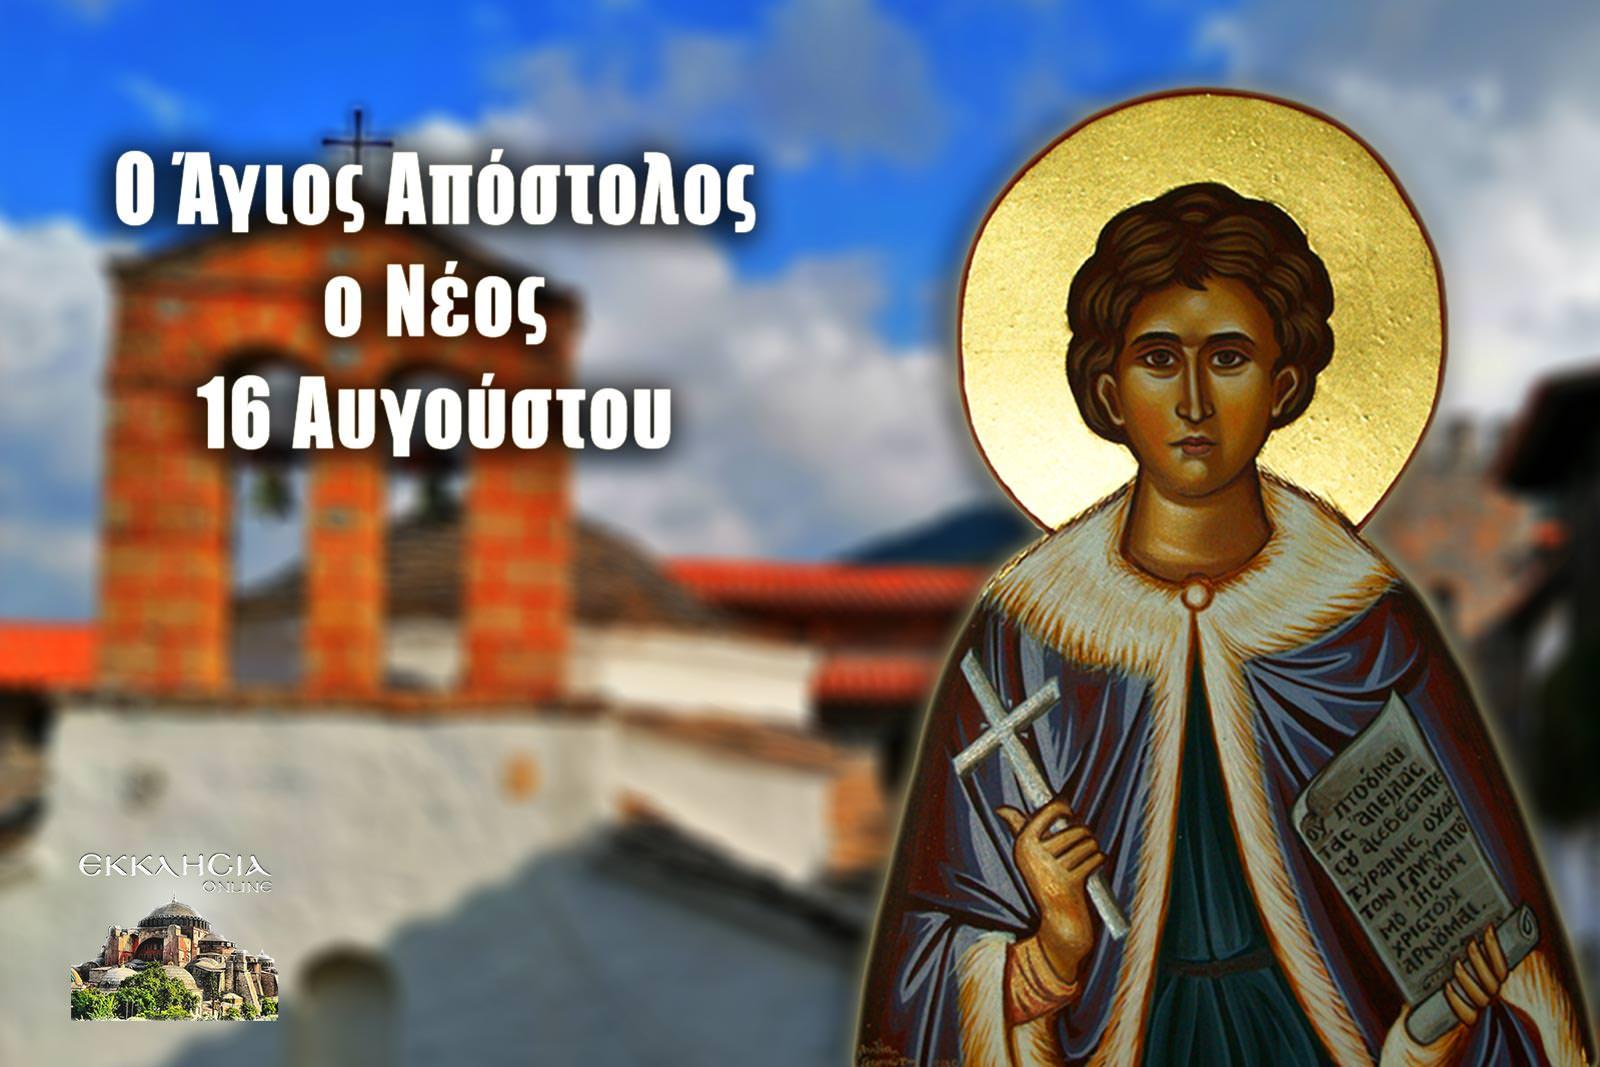 Άγιος Απόστολος ο Νέος 16 Αυγούστου